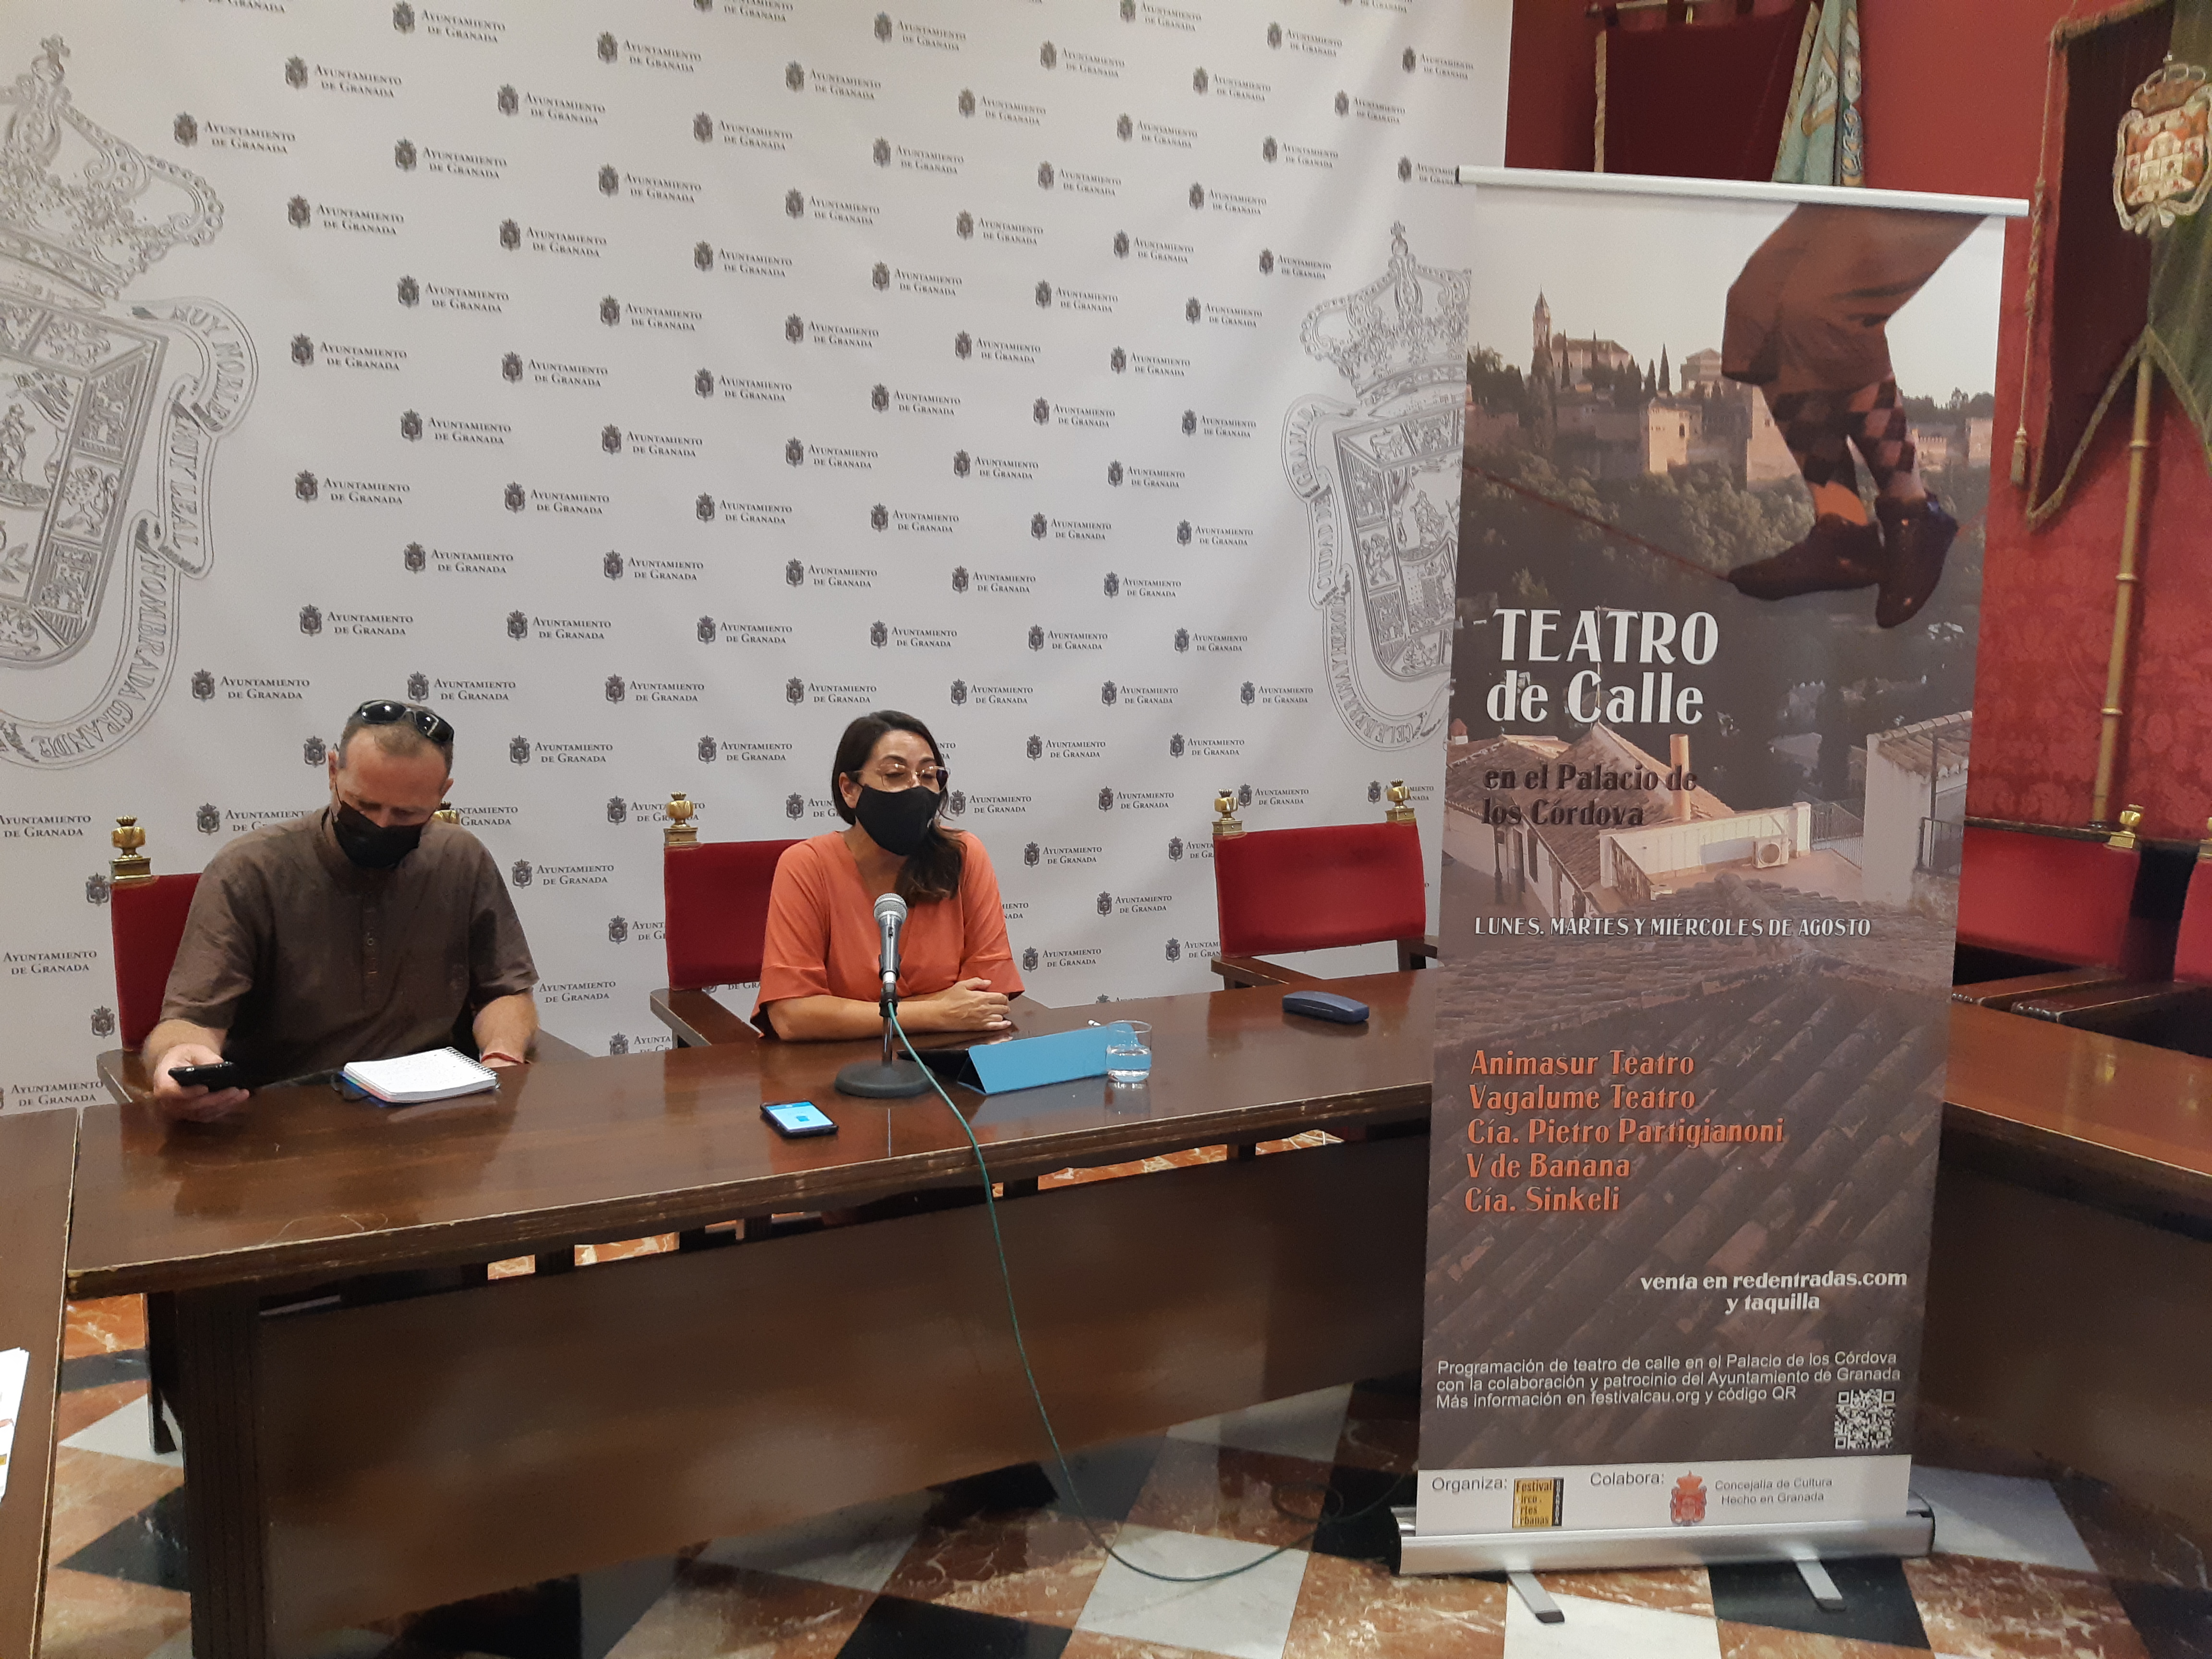 El Festival de Circo y Artes Urbanas, que se celebra en agosto, ampliará su programación